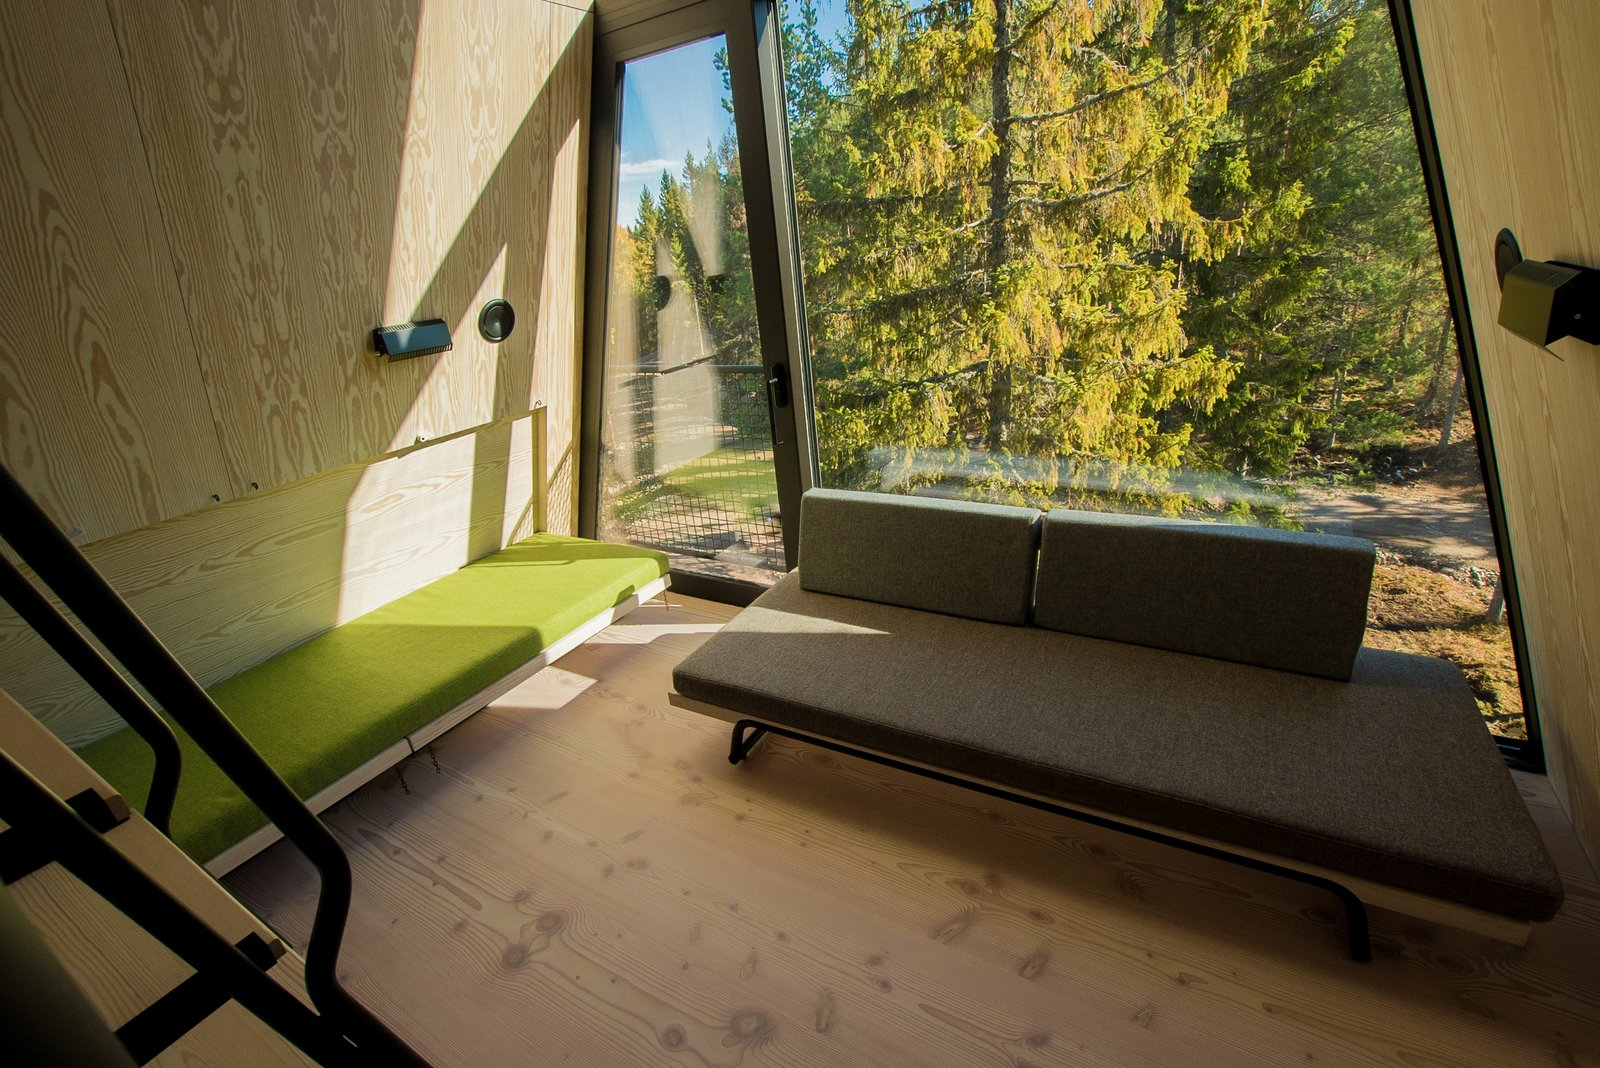 Nordic A-frame interior